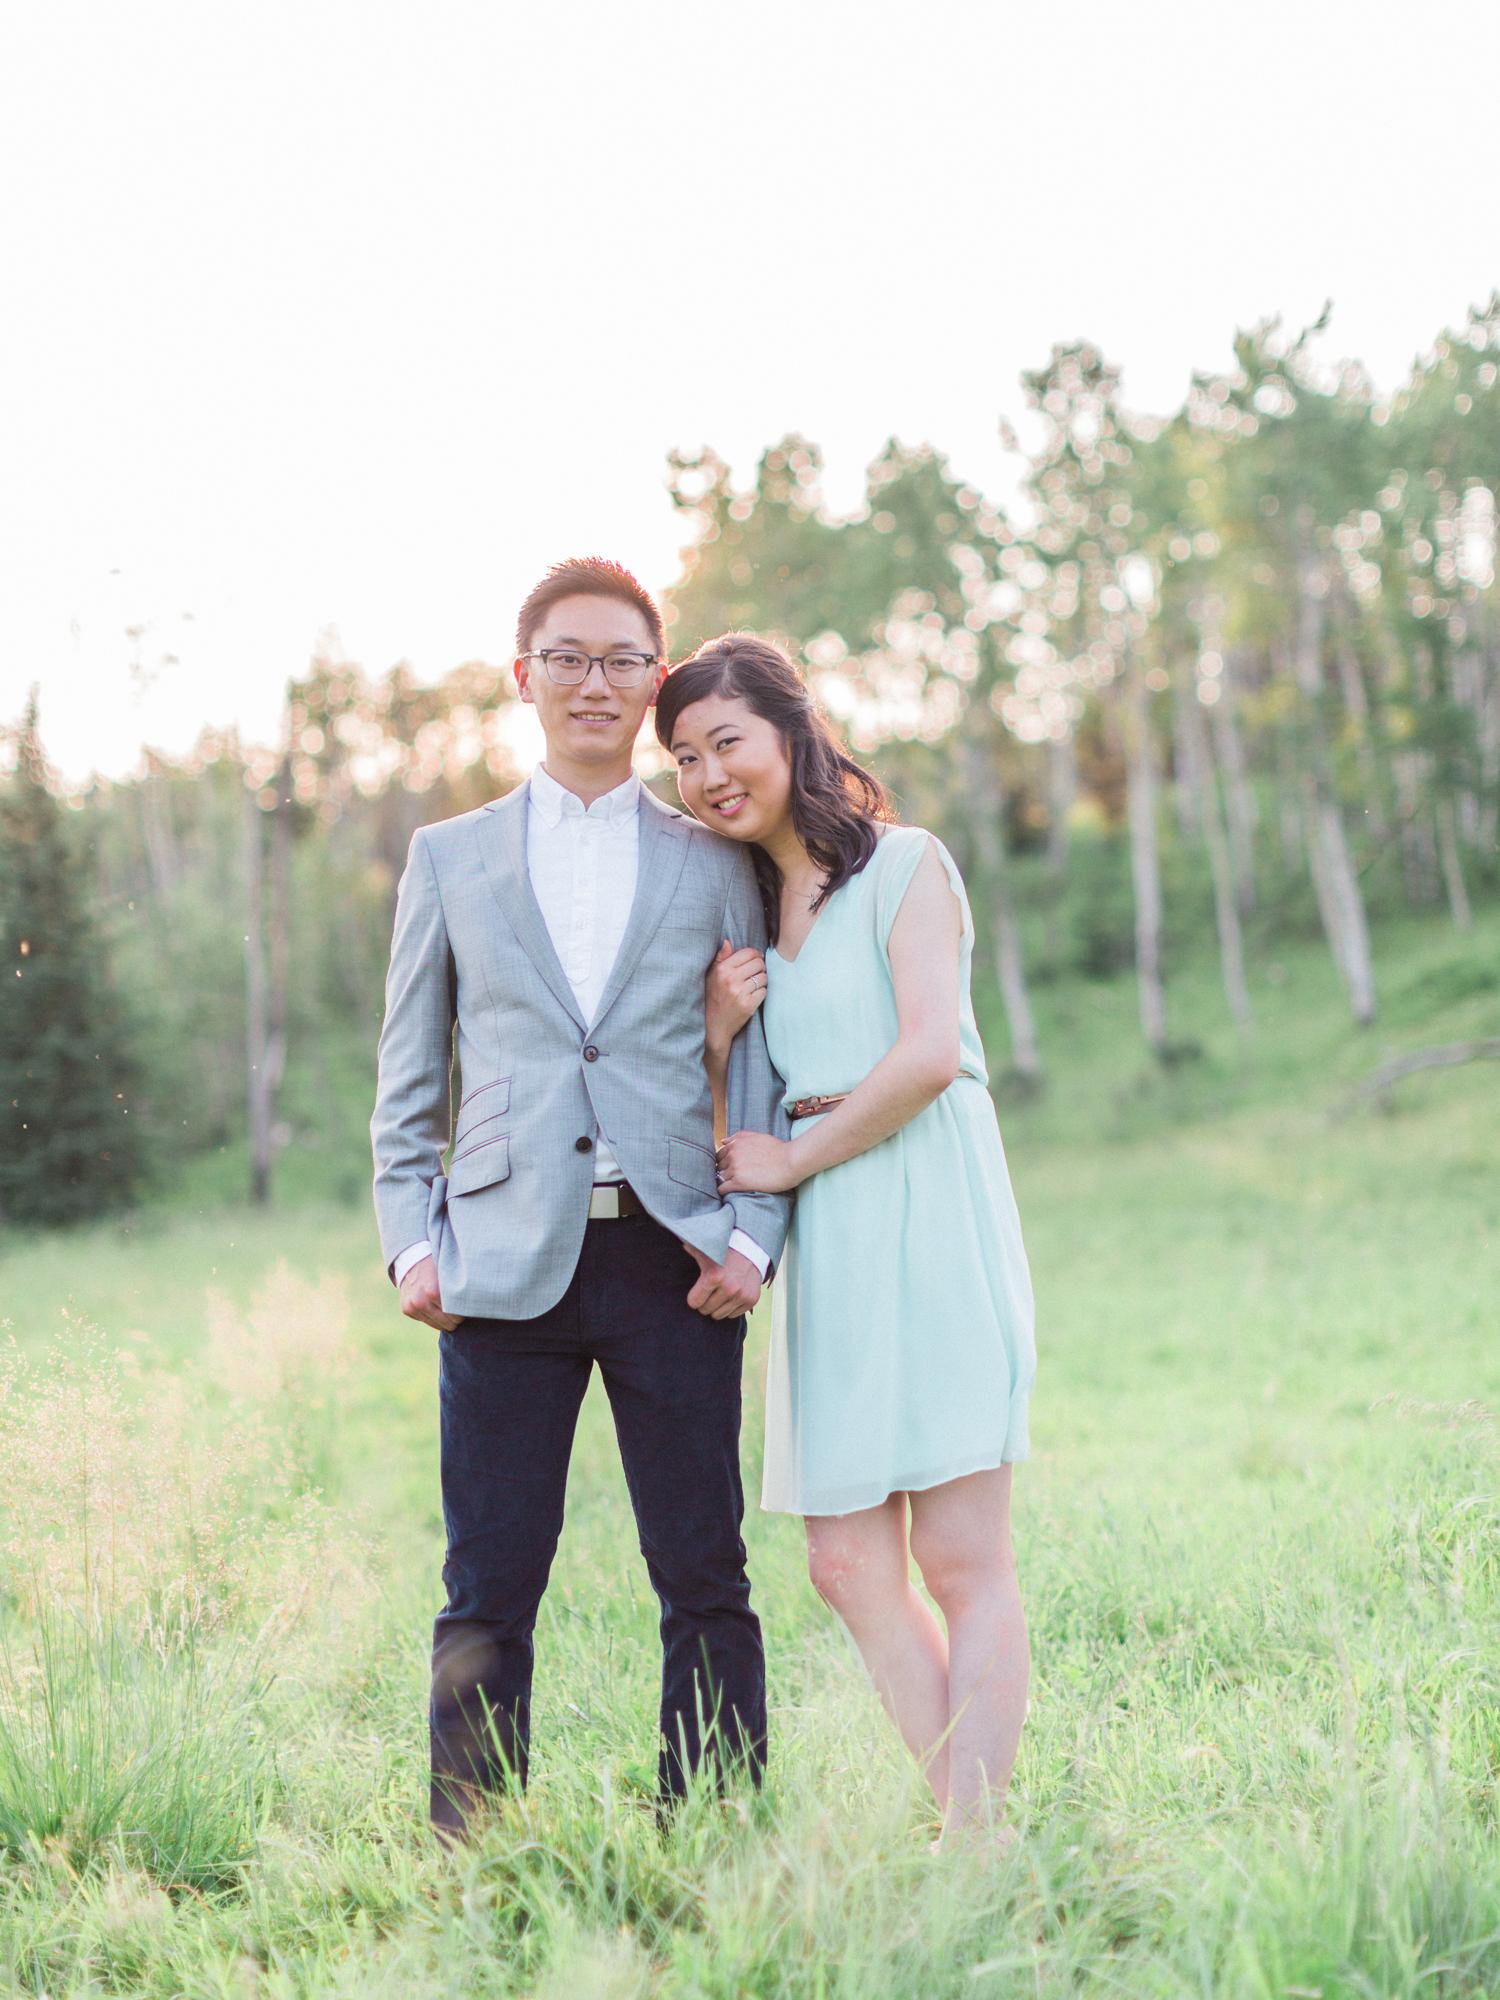 Calgary-Engagement-PhotograherKananaskis-Country-5.jpg